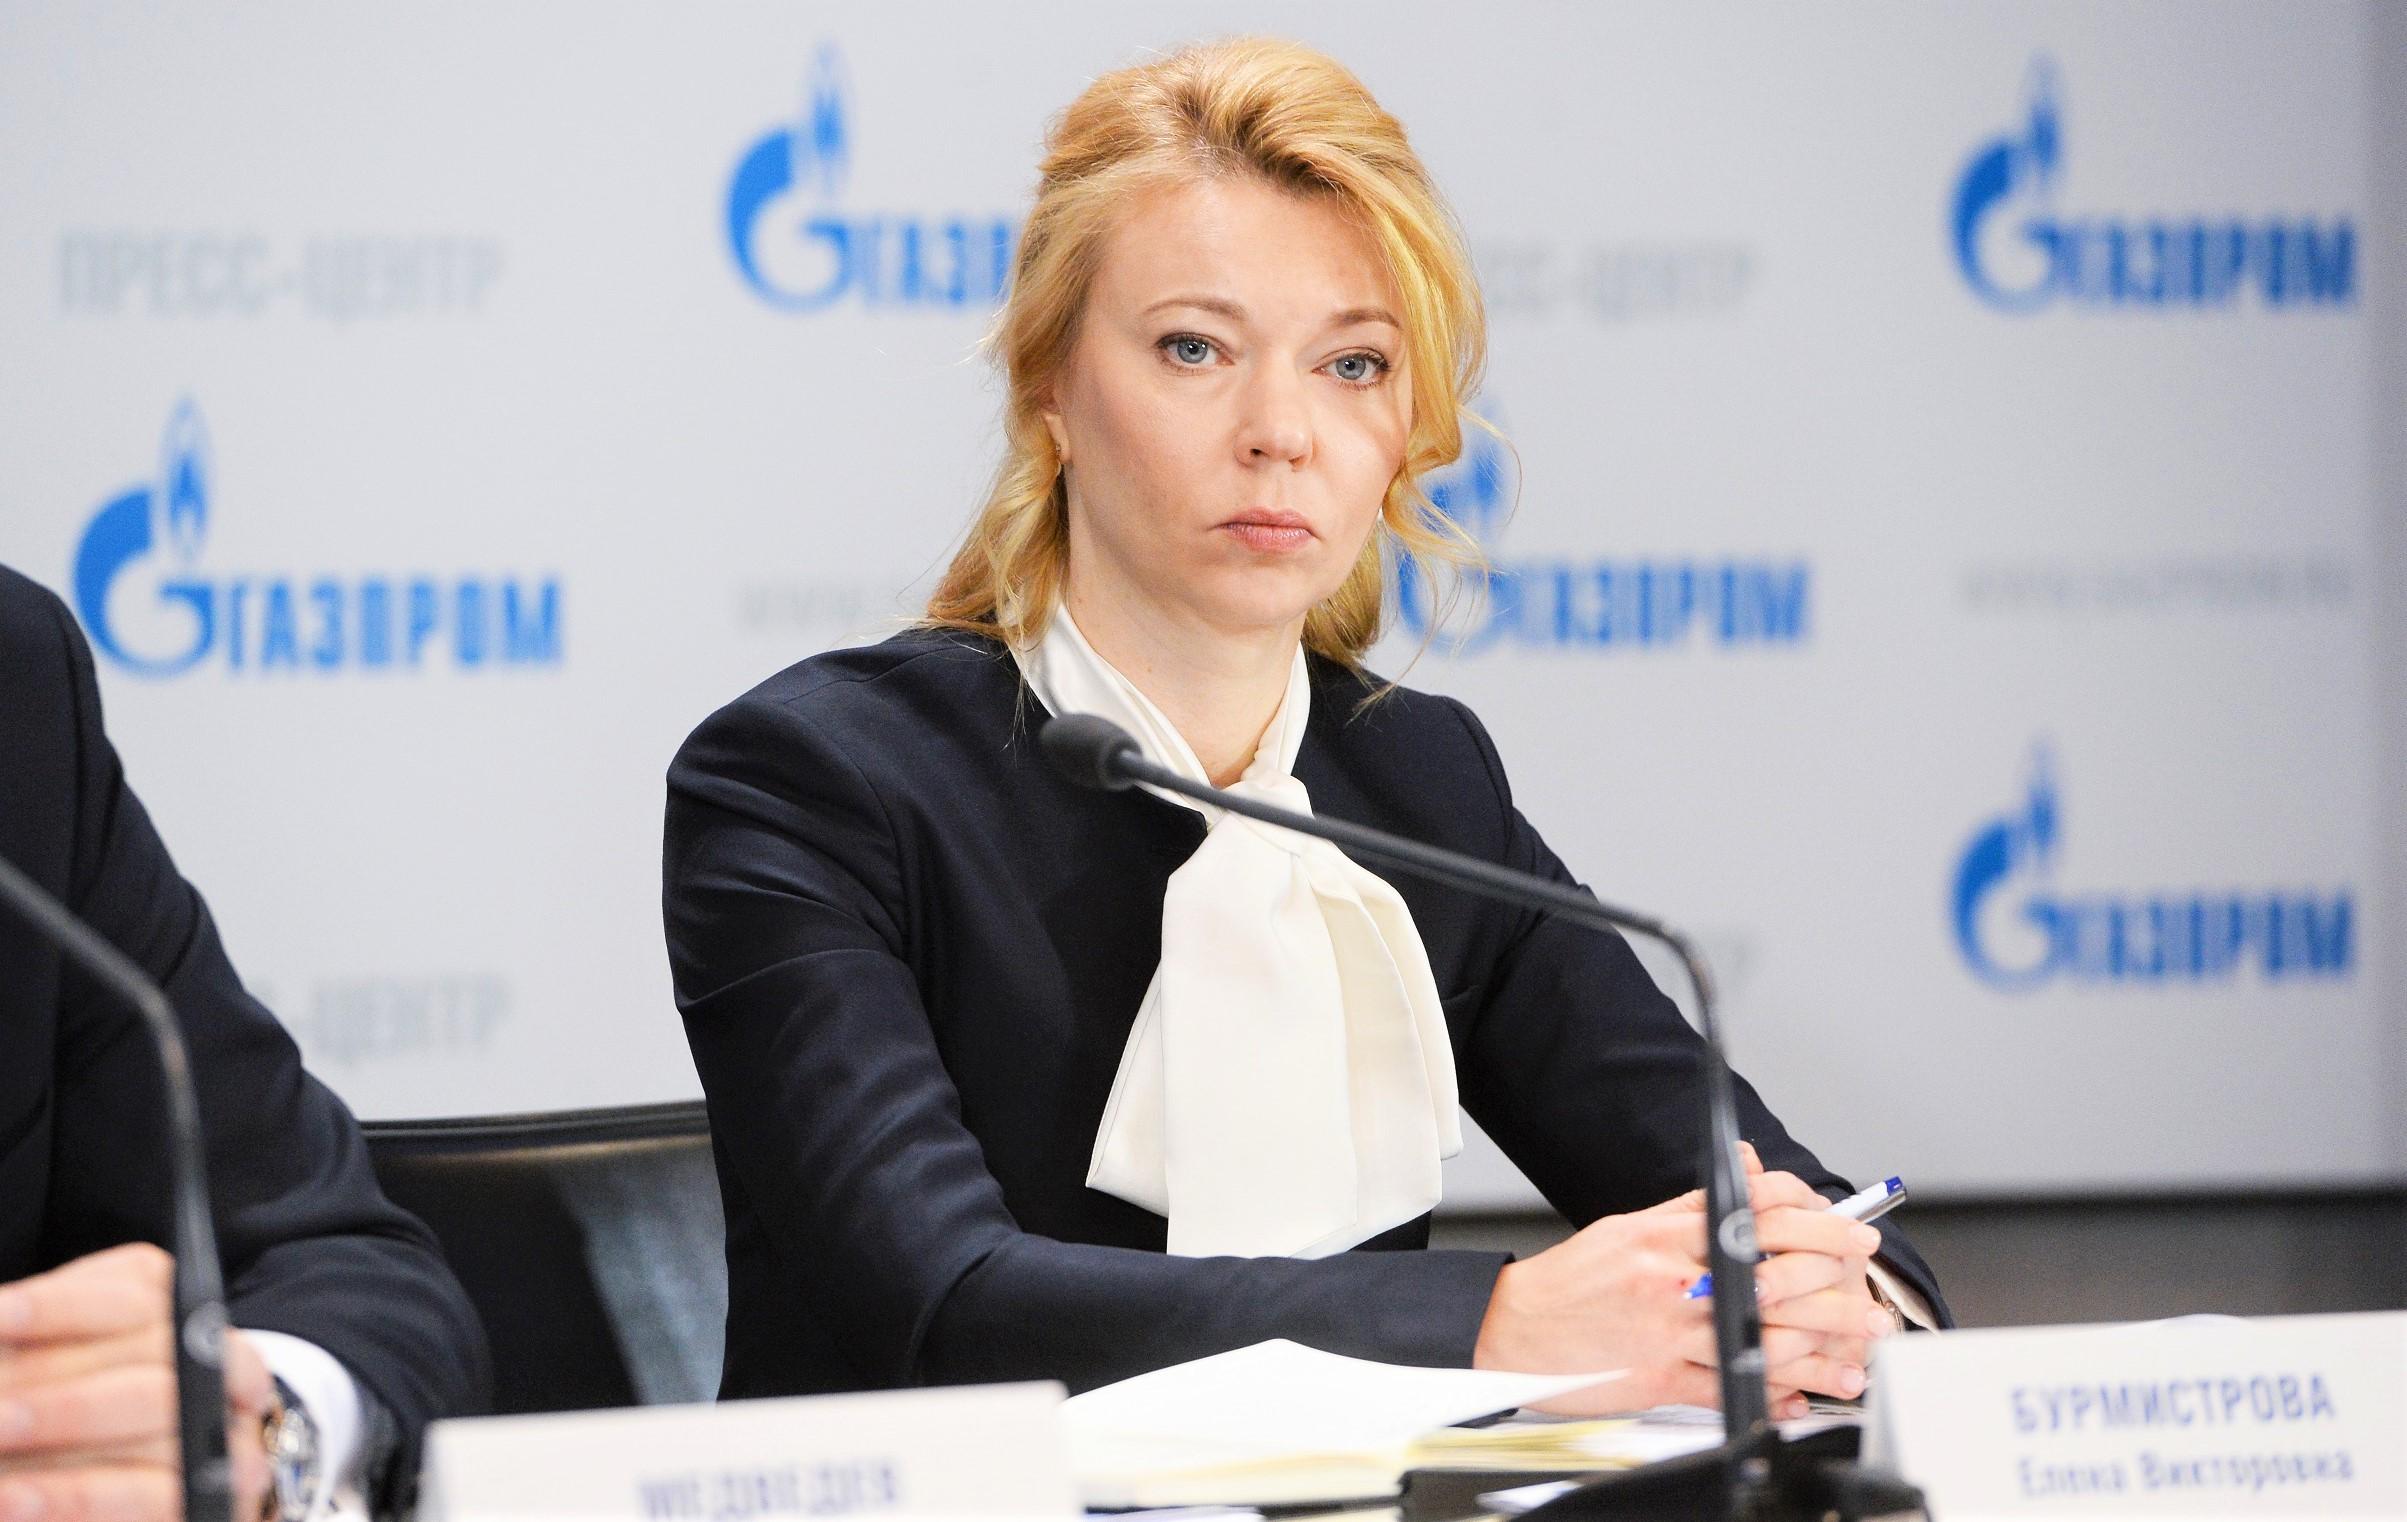 Gazprom: Η μεταβλητότητα των τιμών φυσικού αερίου στην Ευρώπη αποπροσανατολίζει την αγορά